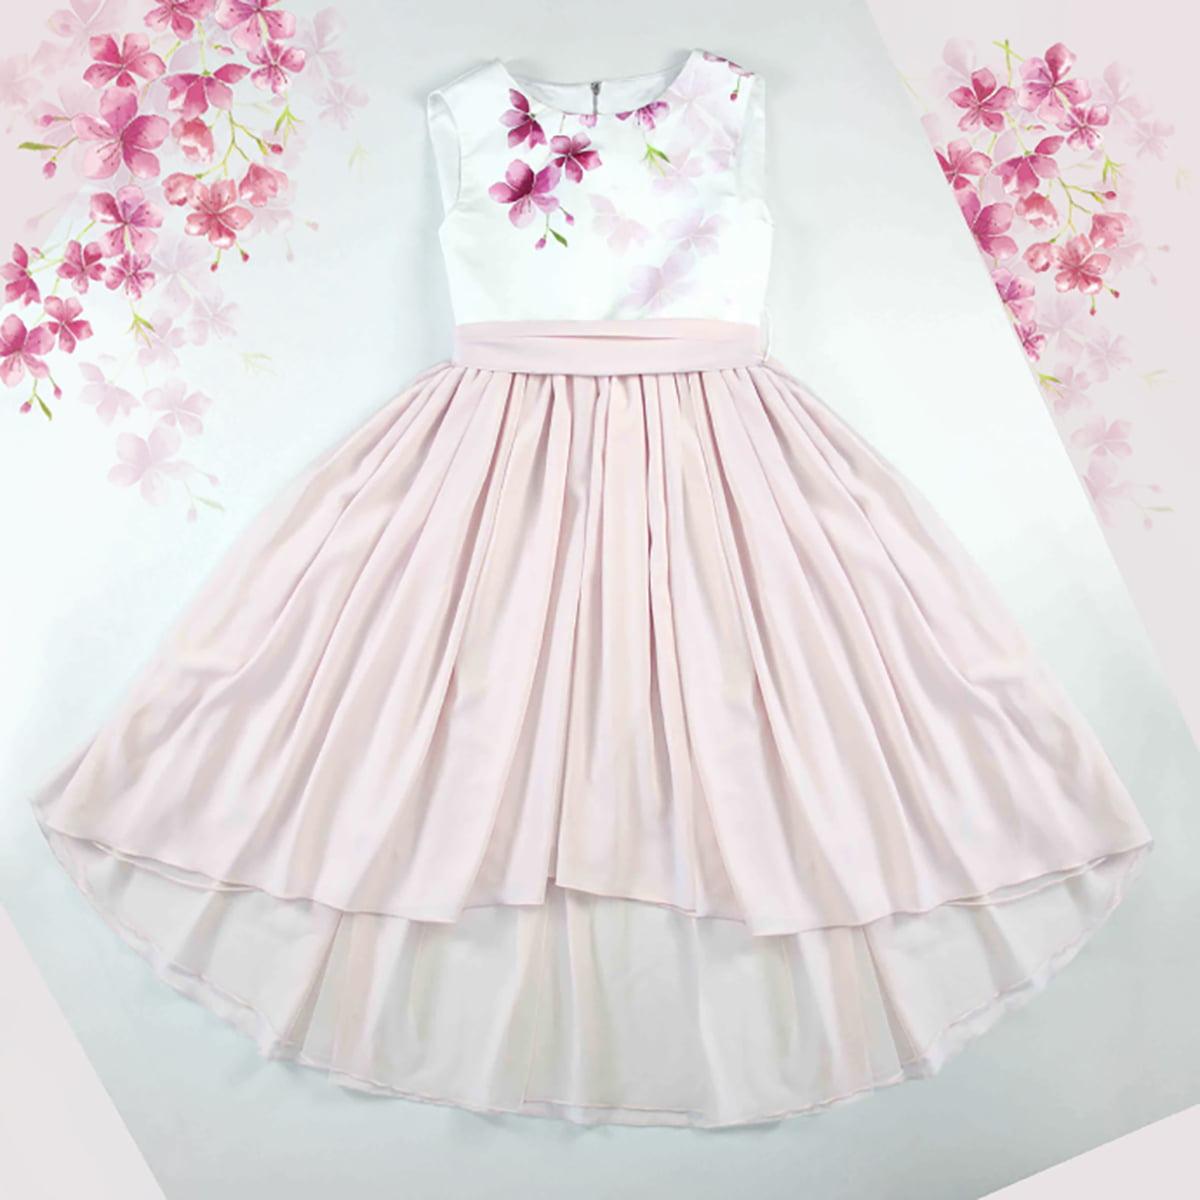 svečana cherry blossom haljina